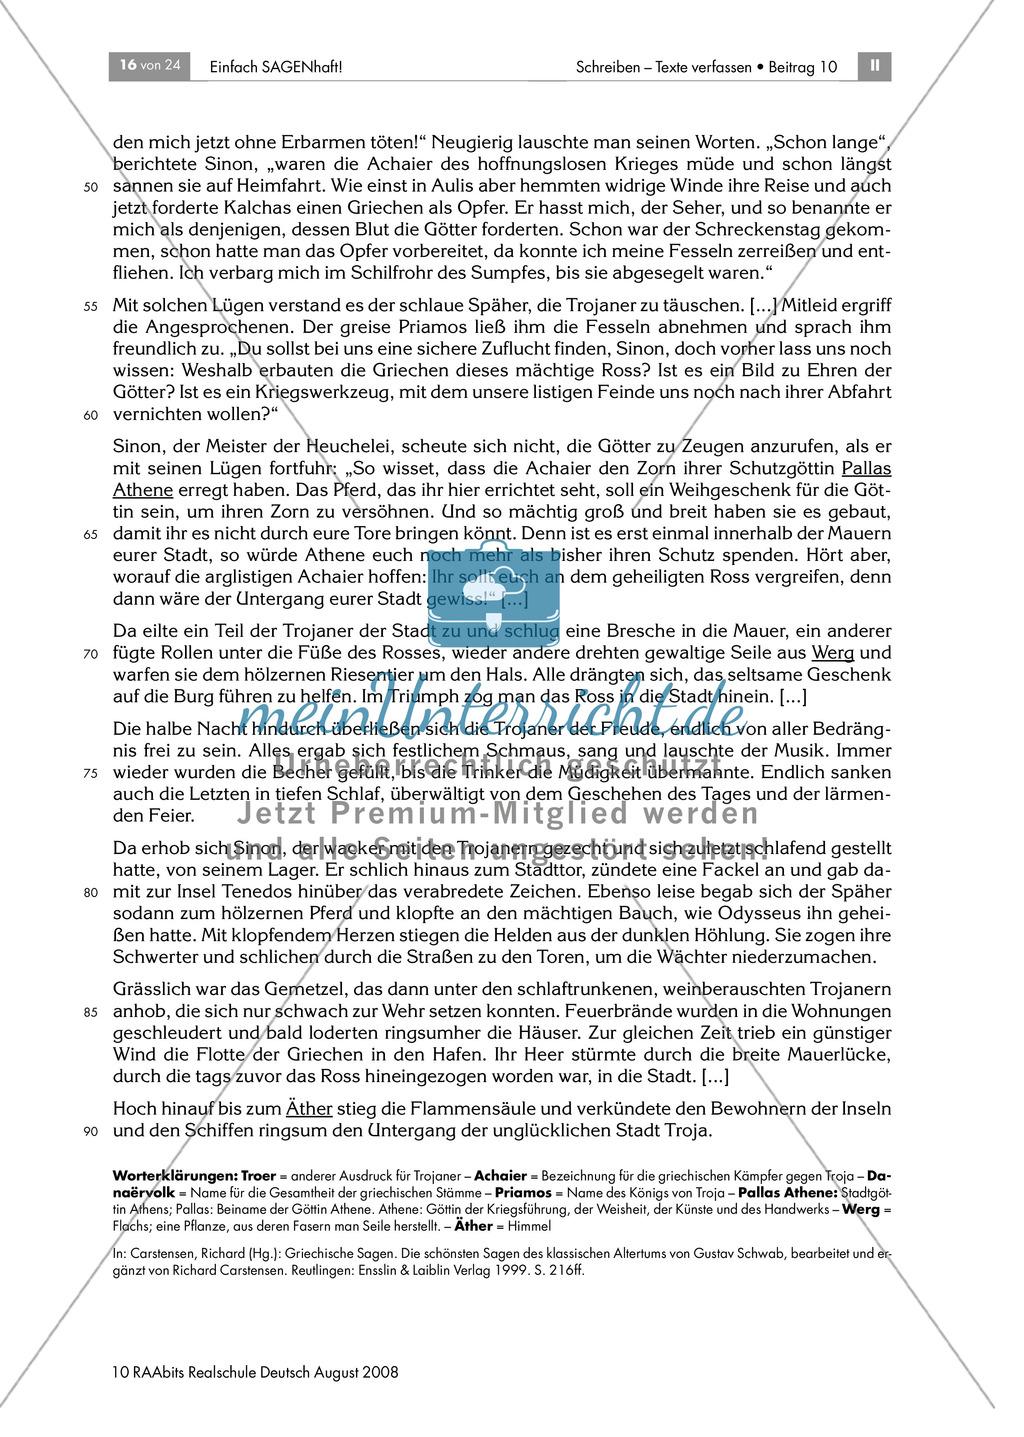 Das Trojanische Pferd: Einen Überblick über die Sage gewinnen Preview 5